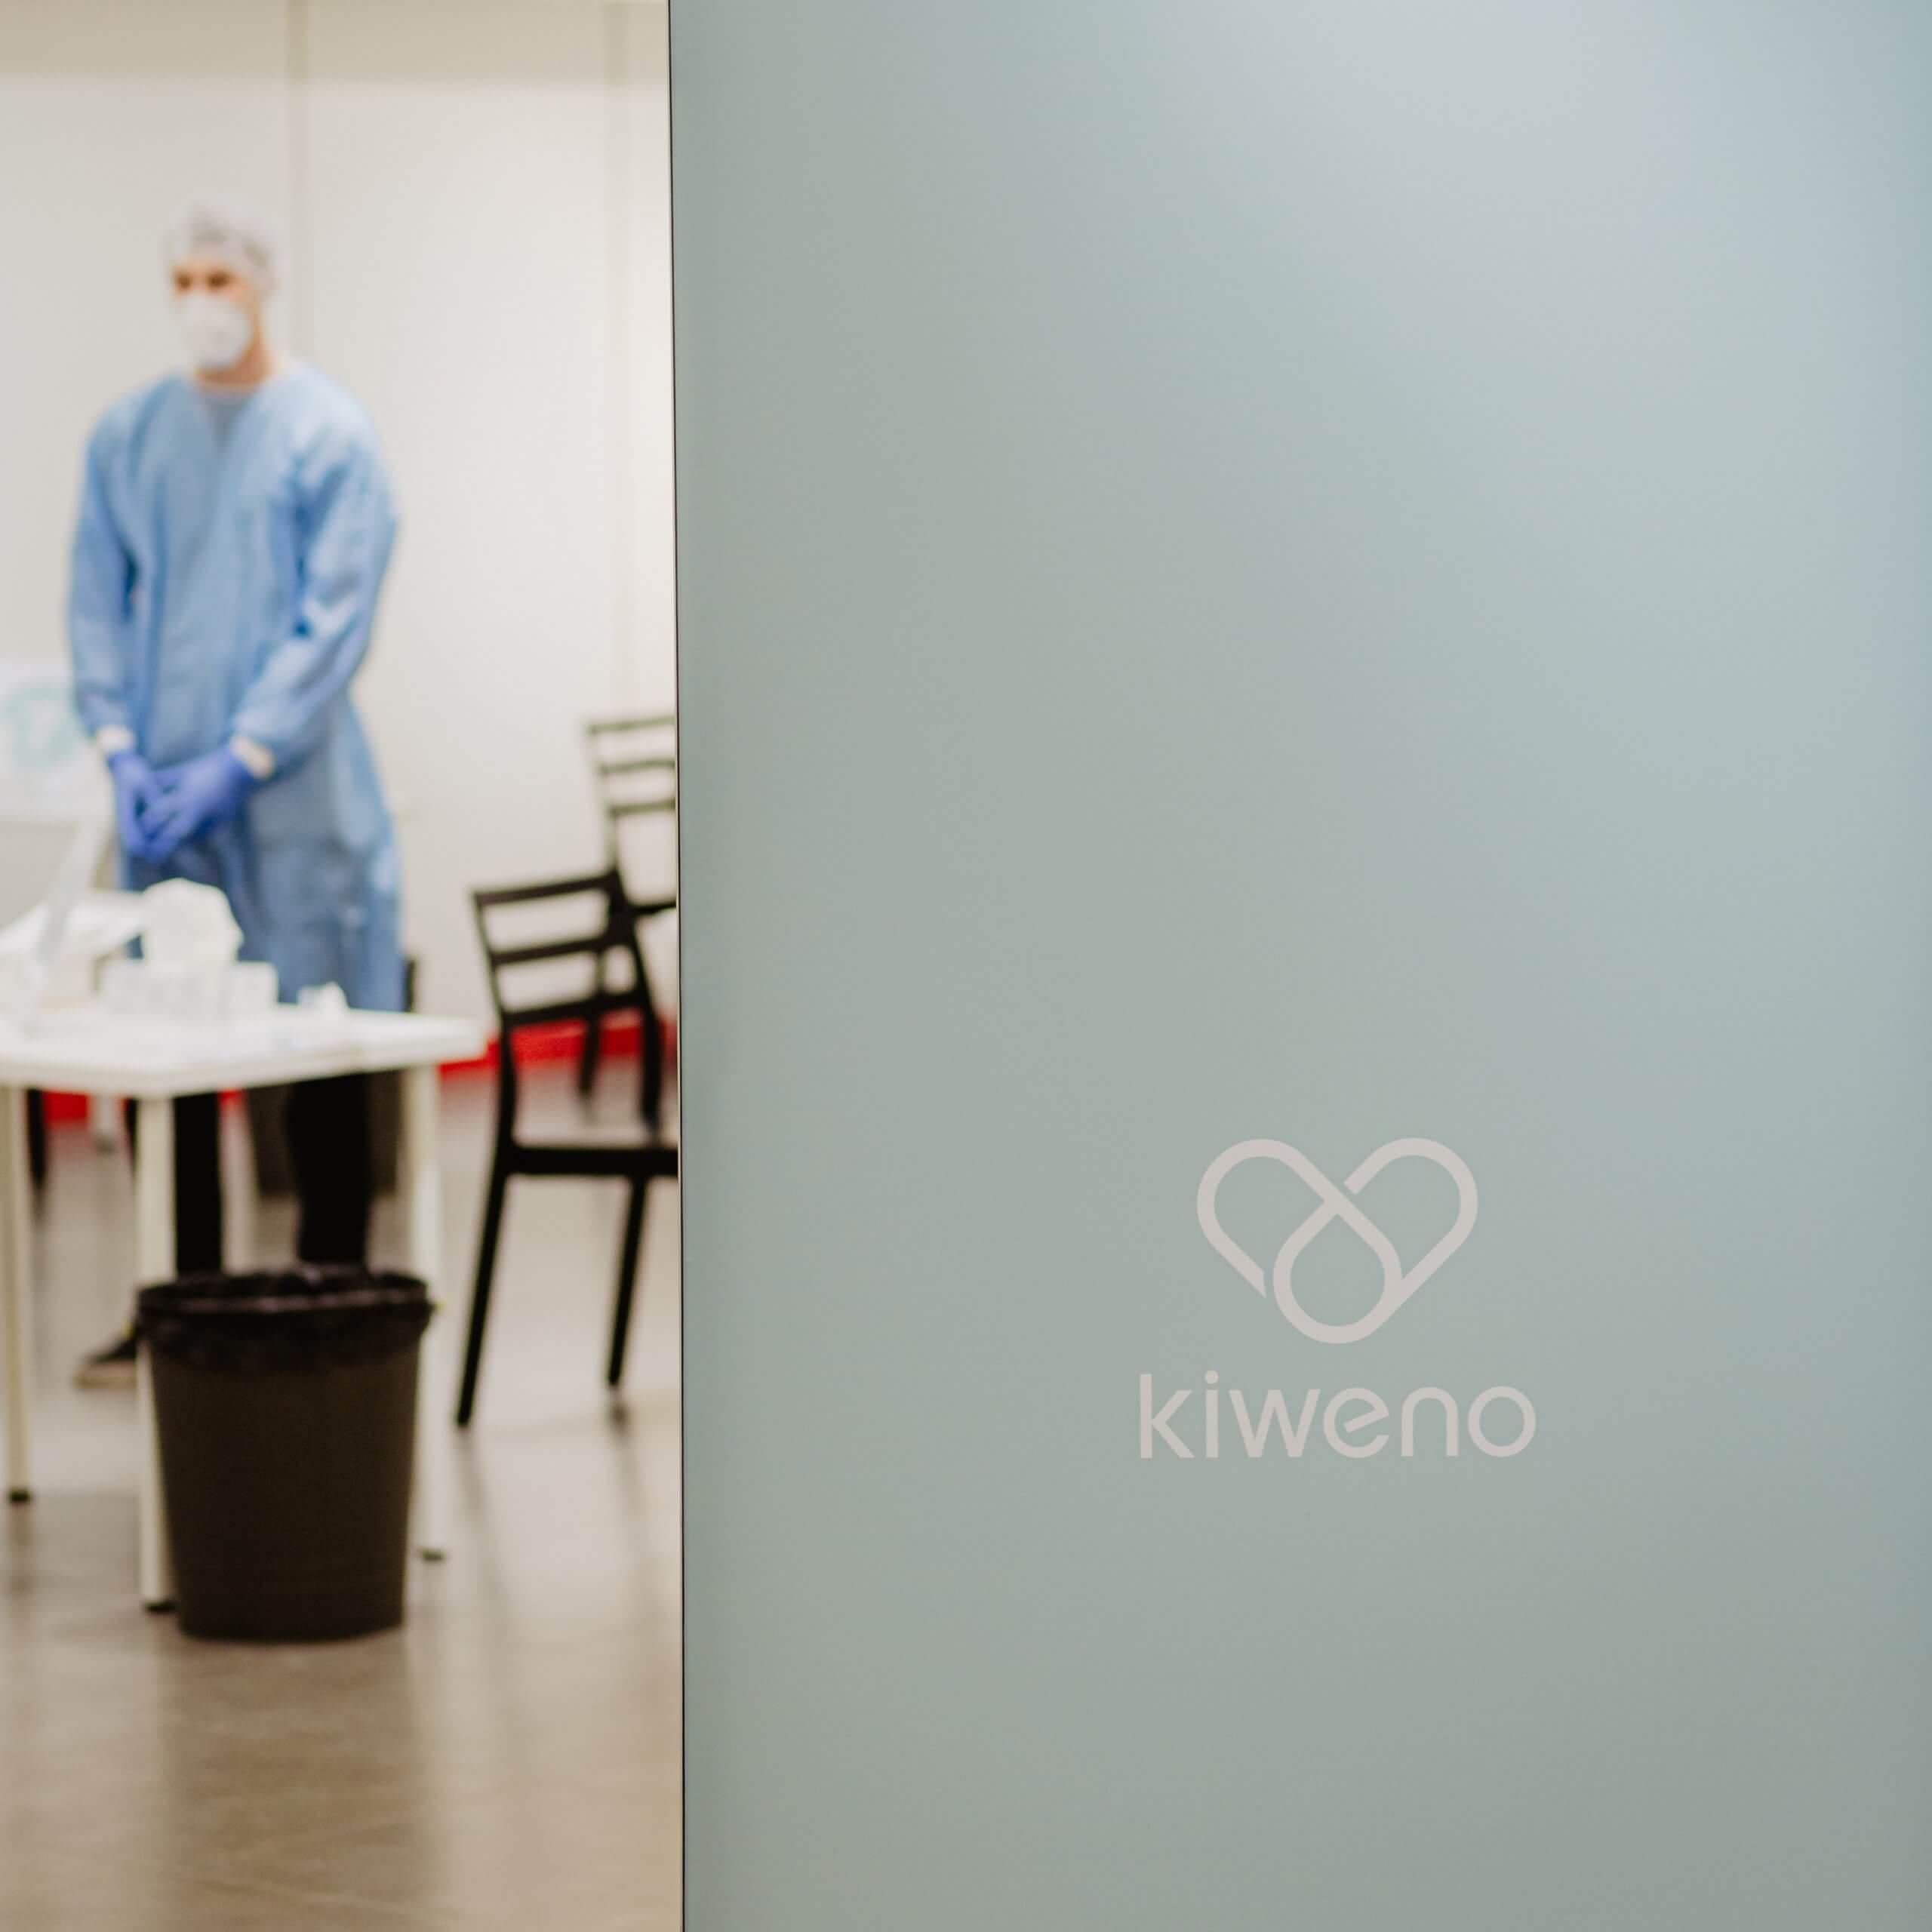 Kiweno